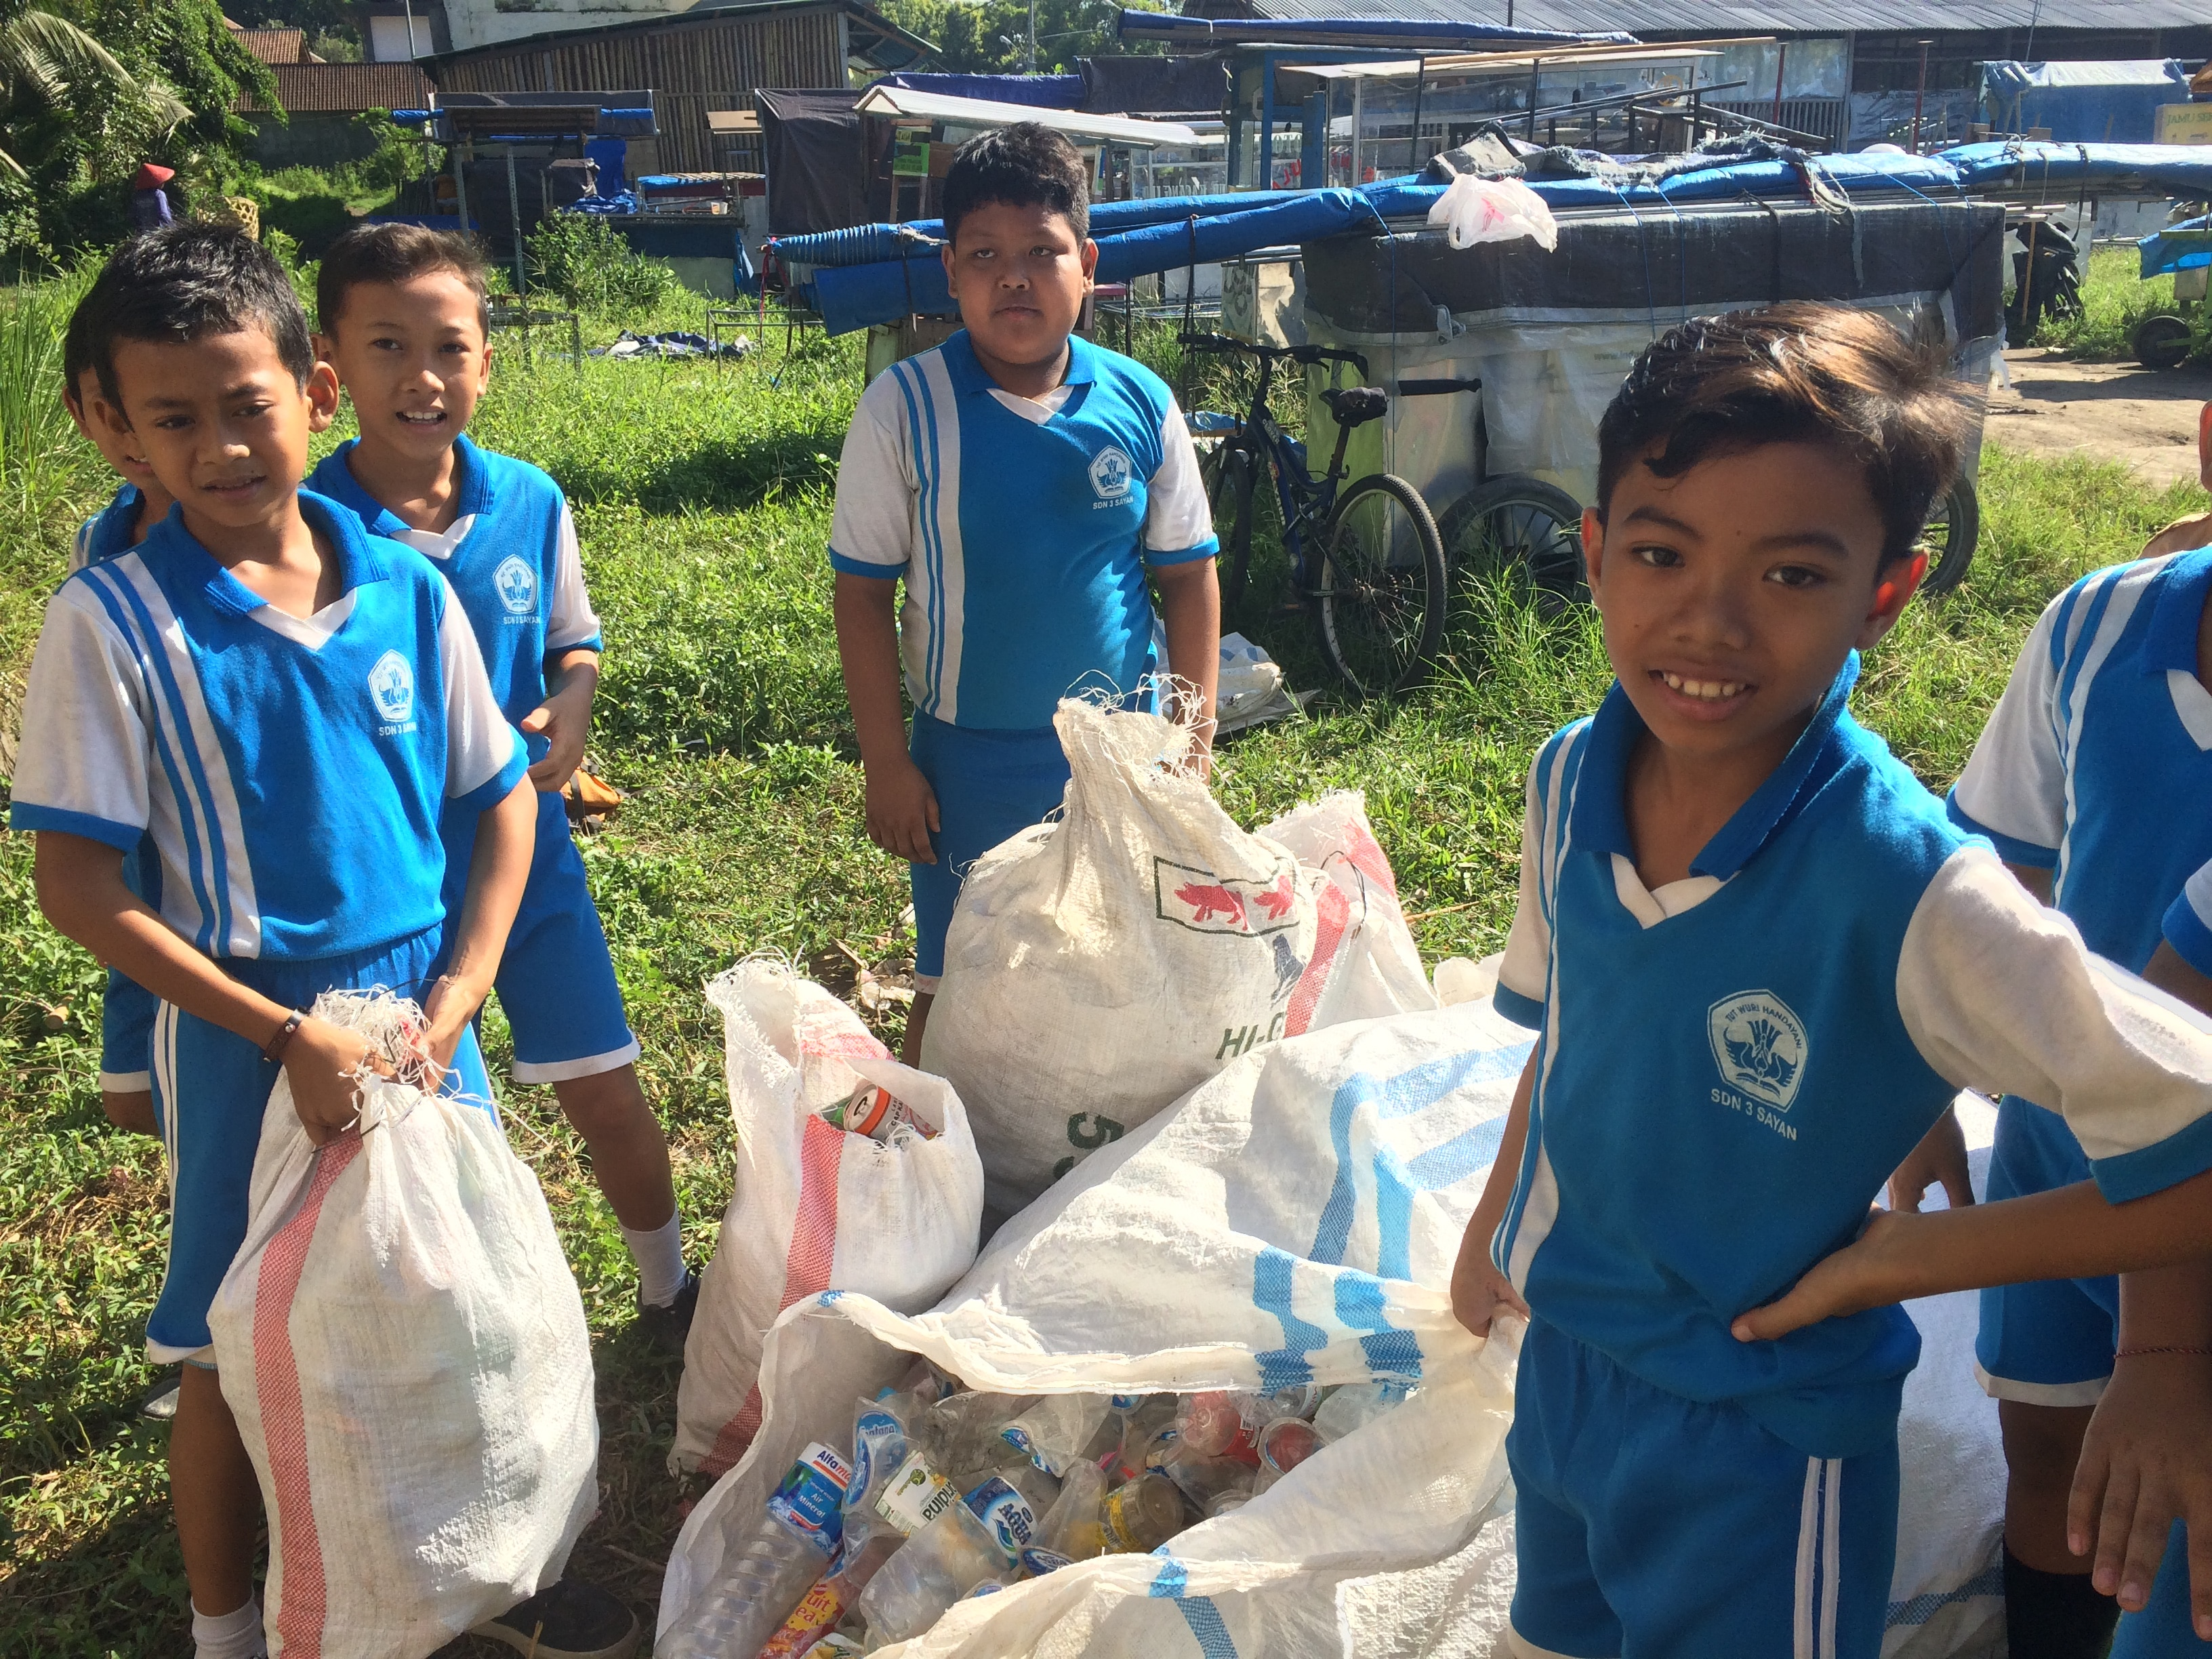 Ubud kids selling garbage to Sampah Jujur